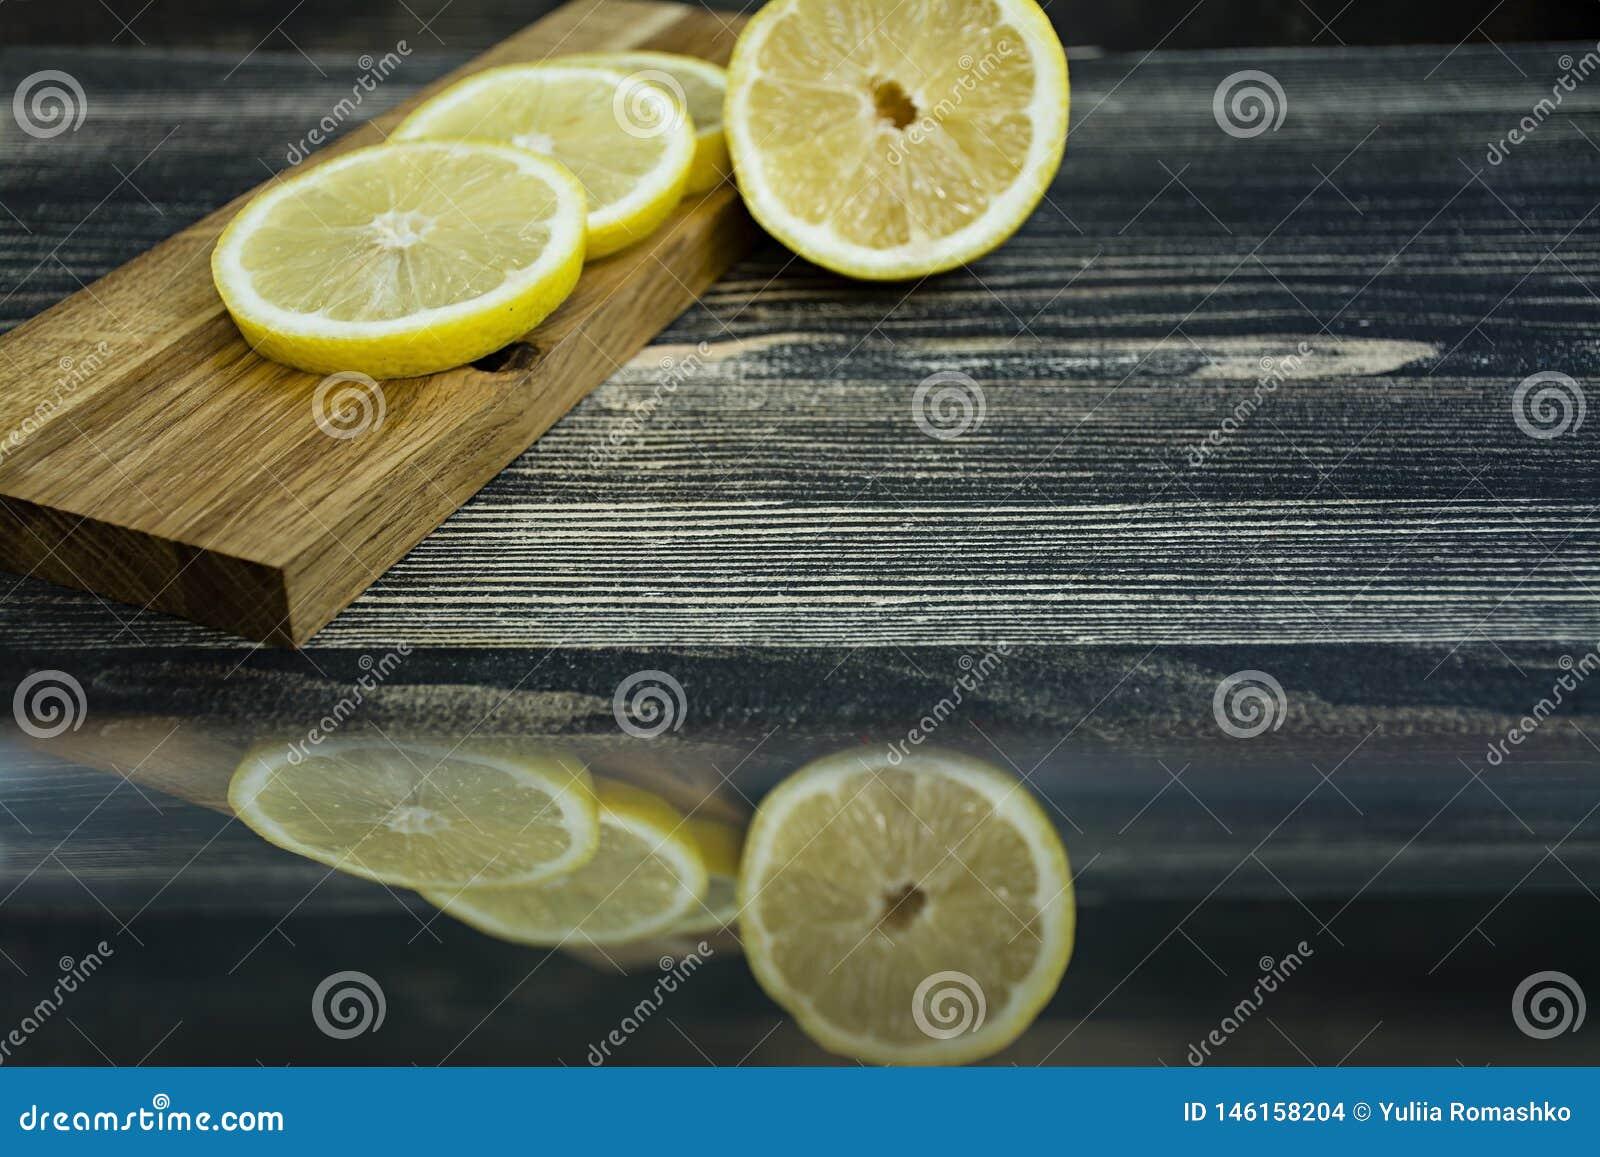 Tranches de citron sur un support en bois